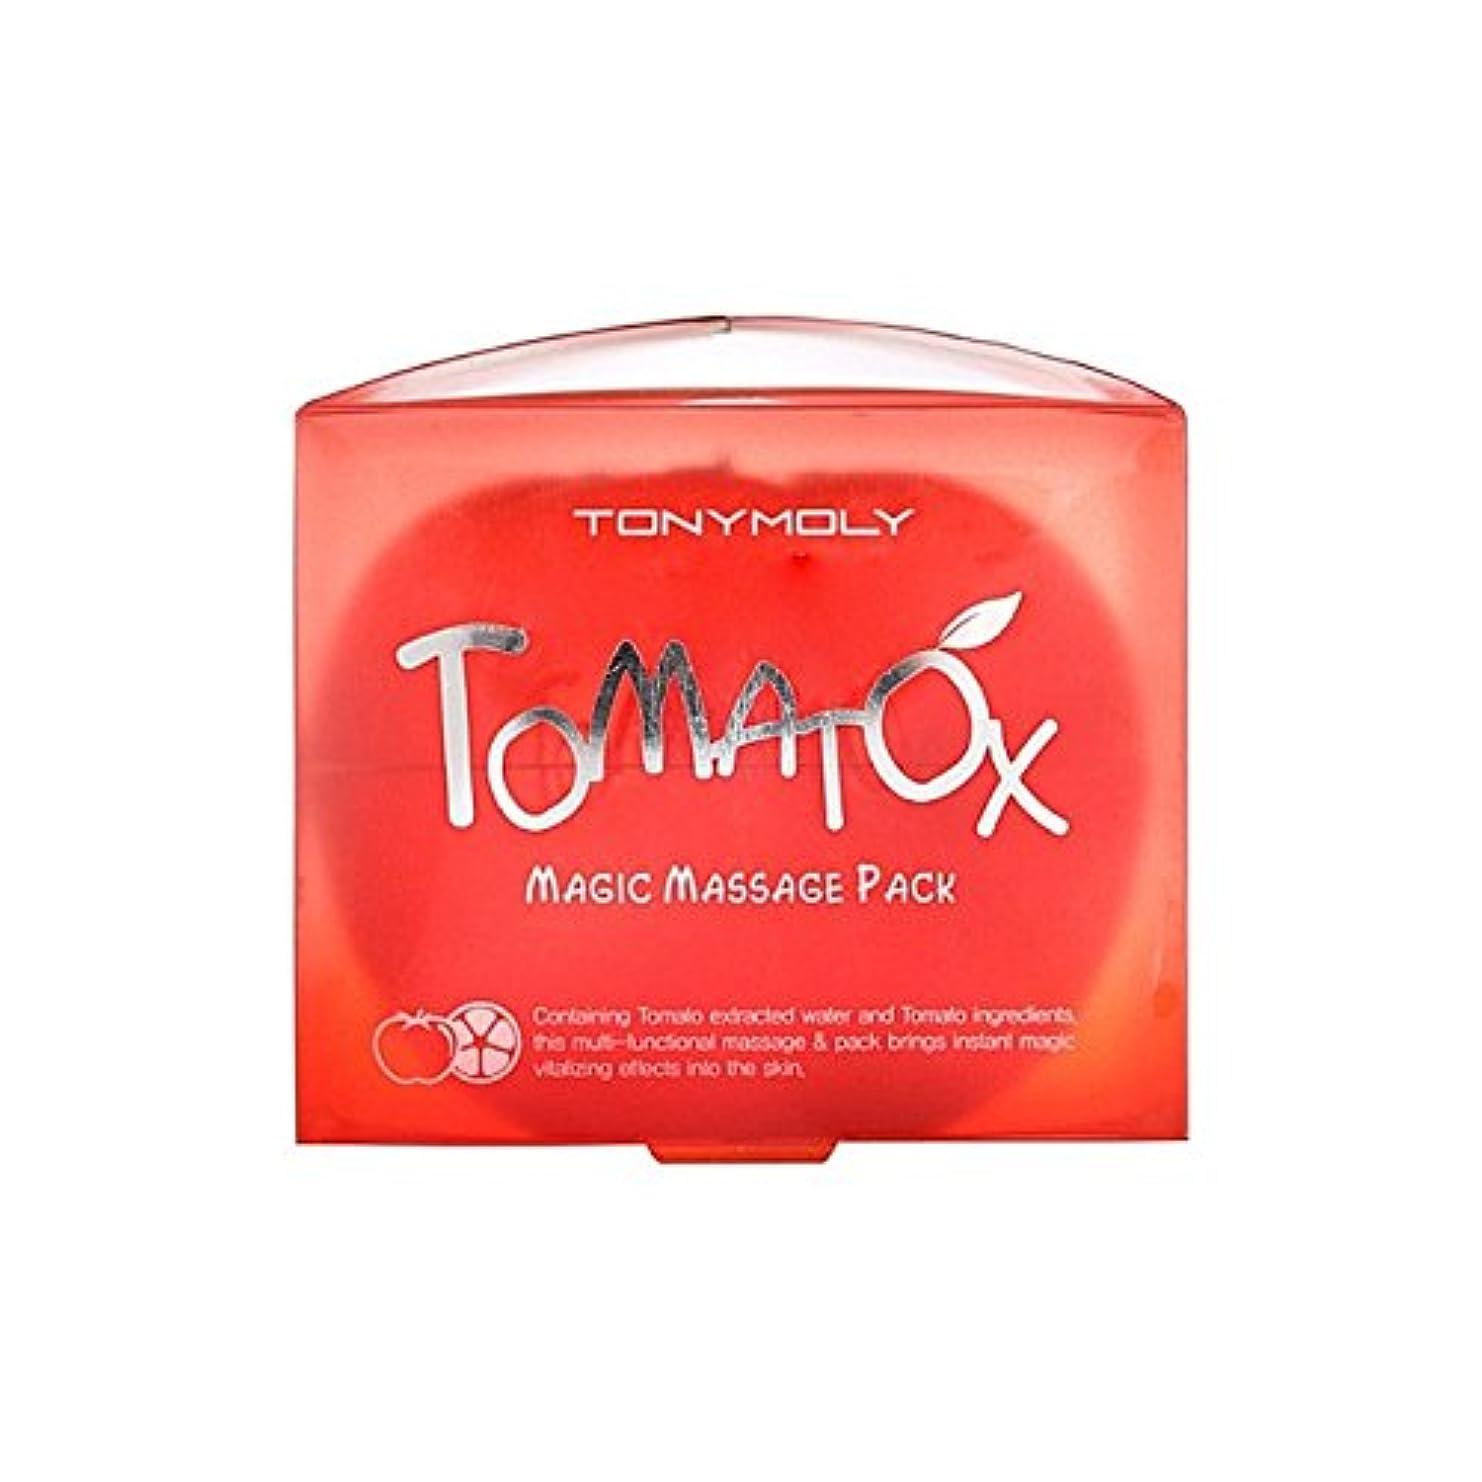 流体足首インチトニーモリー魔法マッサージパック80グラム x2 - Tony Moly Tomatox Magic Massage Pack 80G (Pack of 2) [並行輸入品]